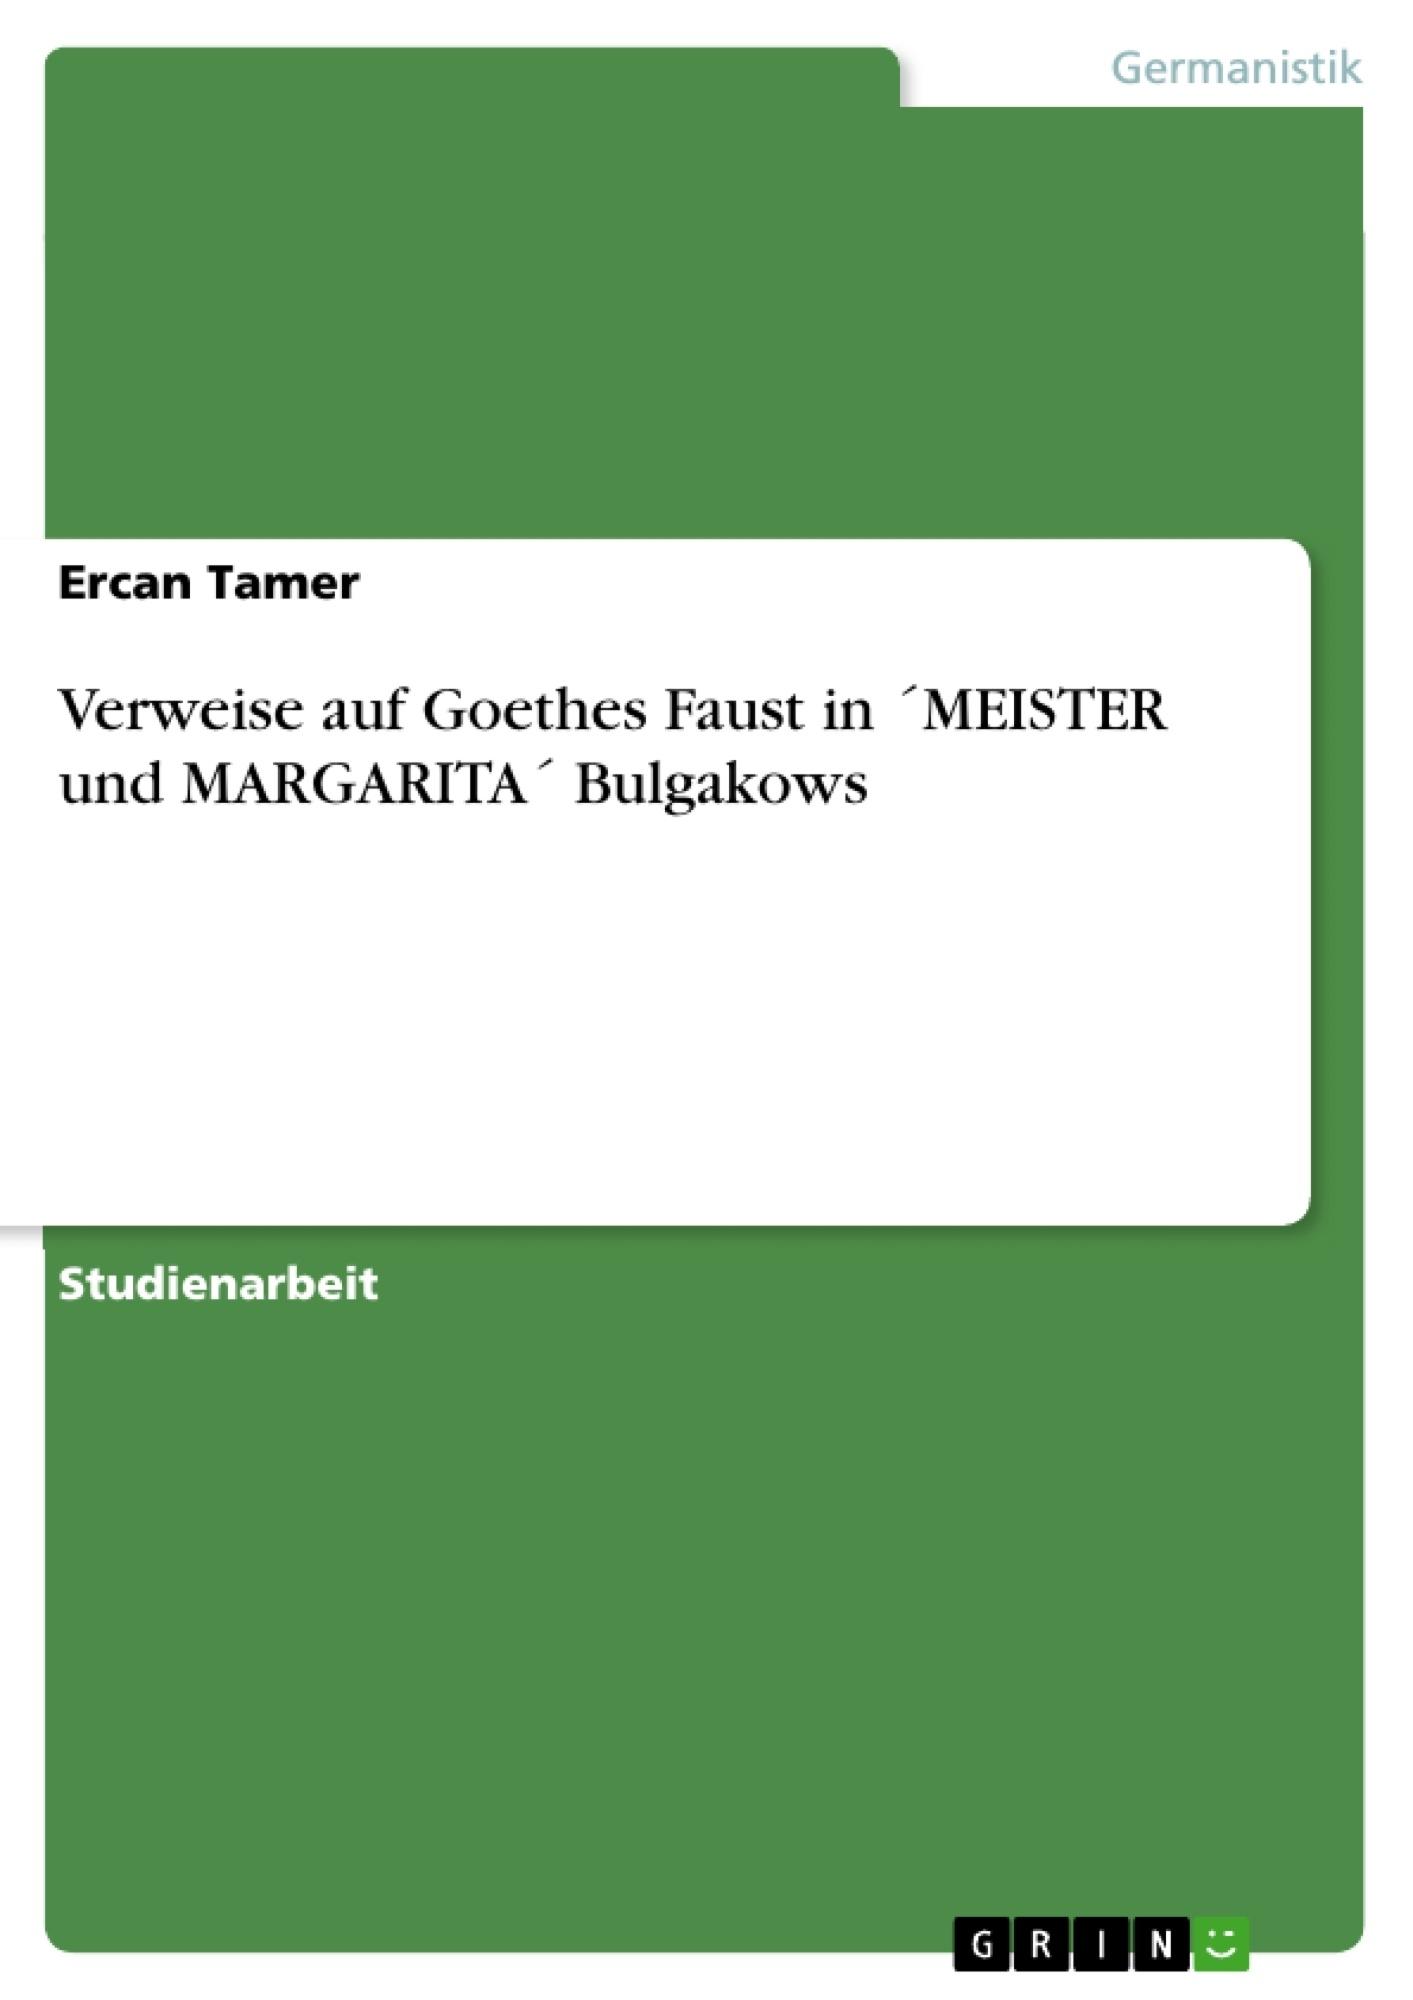 Titel: Verweise auf Goethes Faust in ´MEISTER und MARGARITA´ Bulgakows